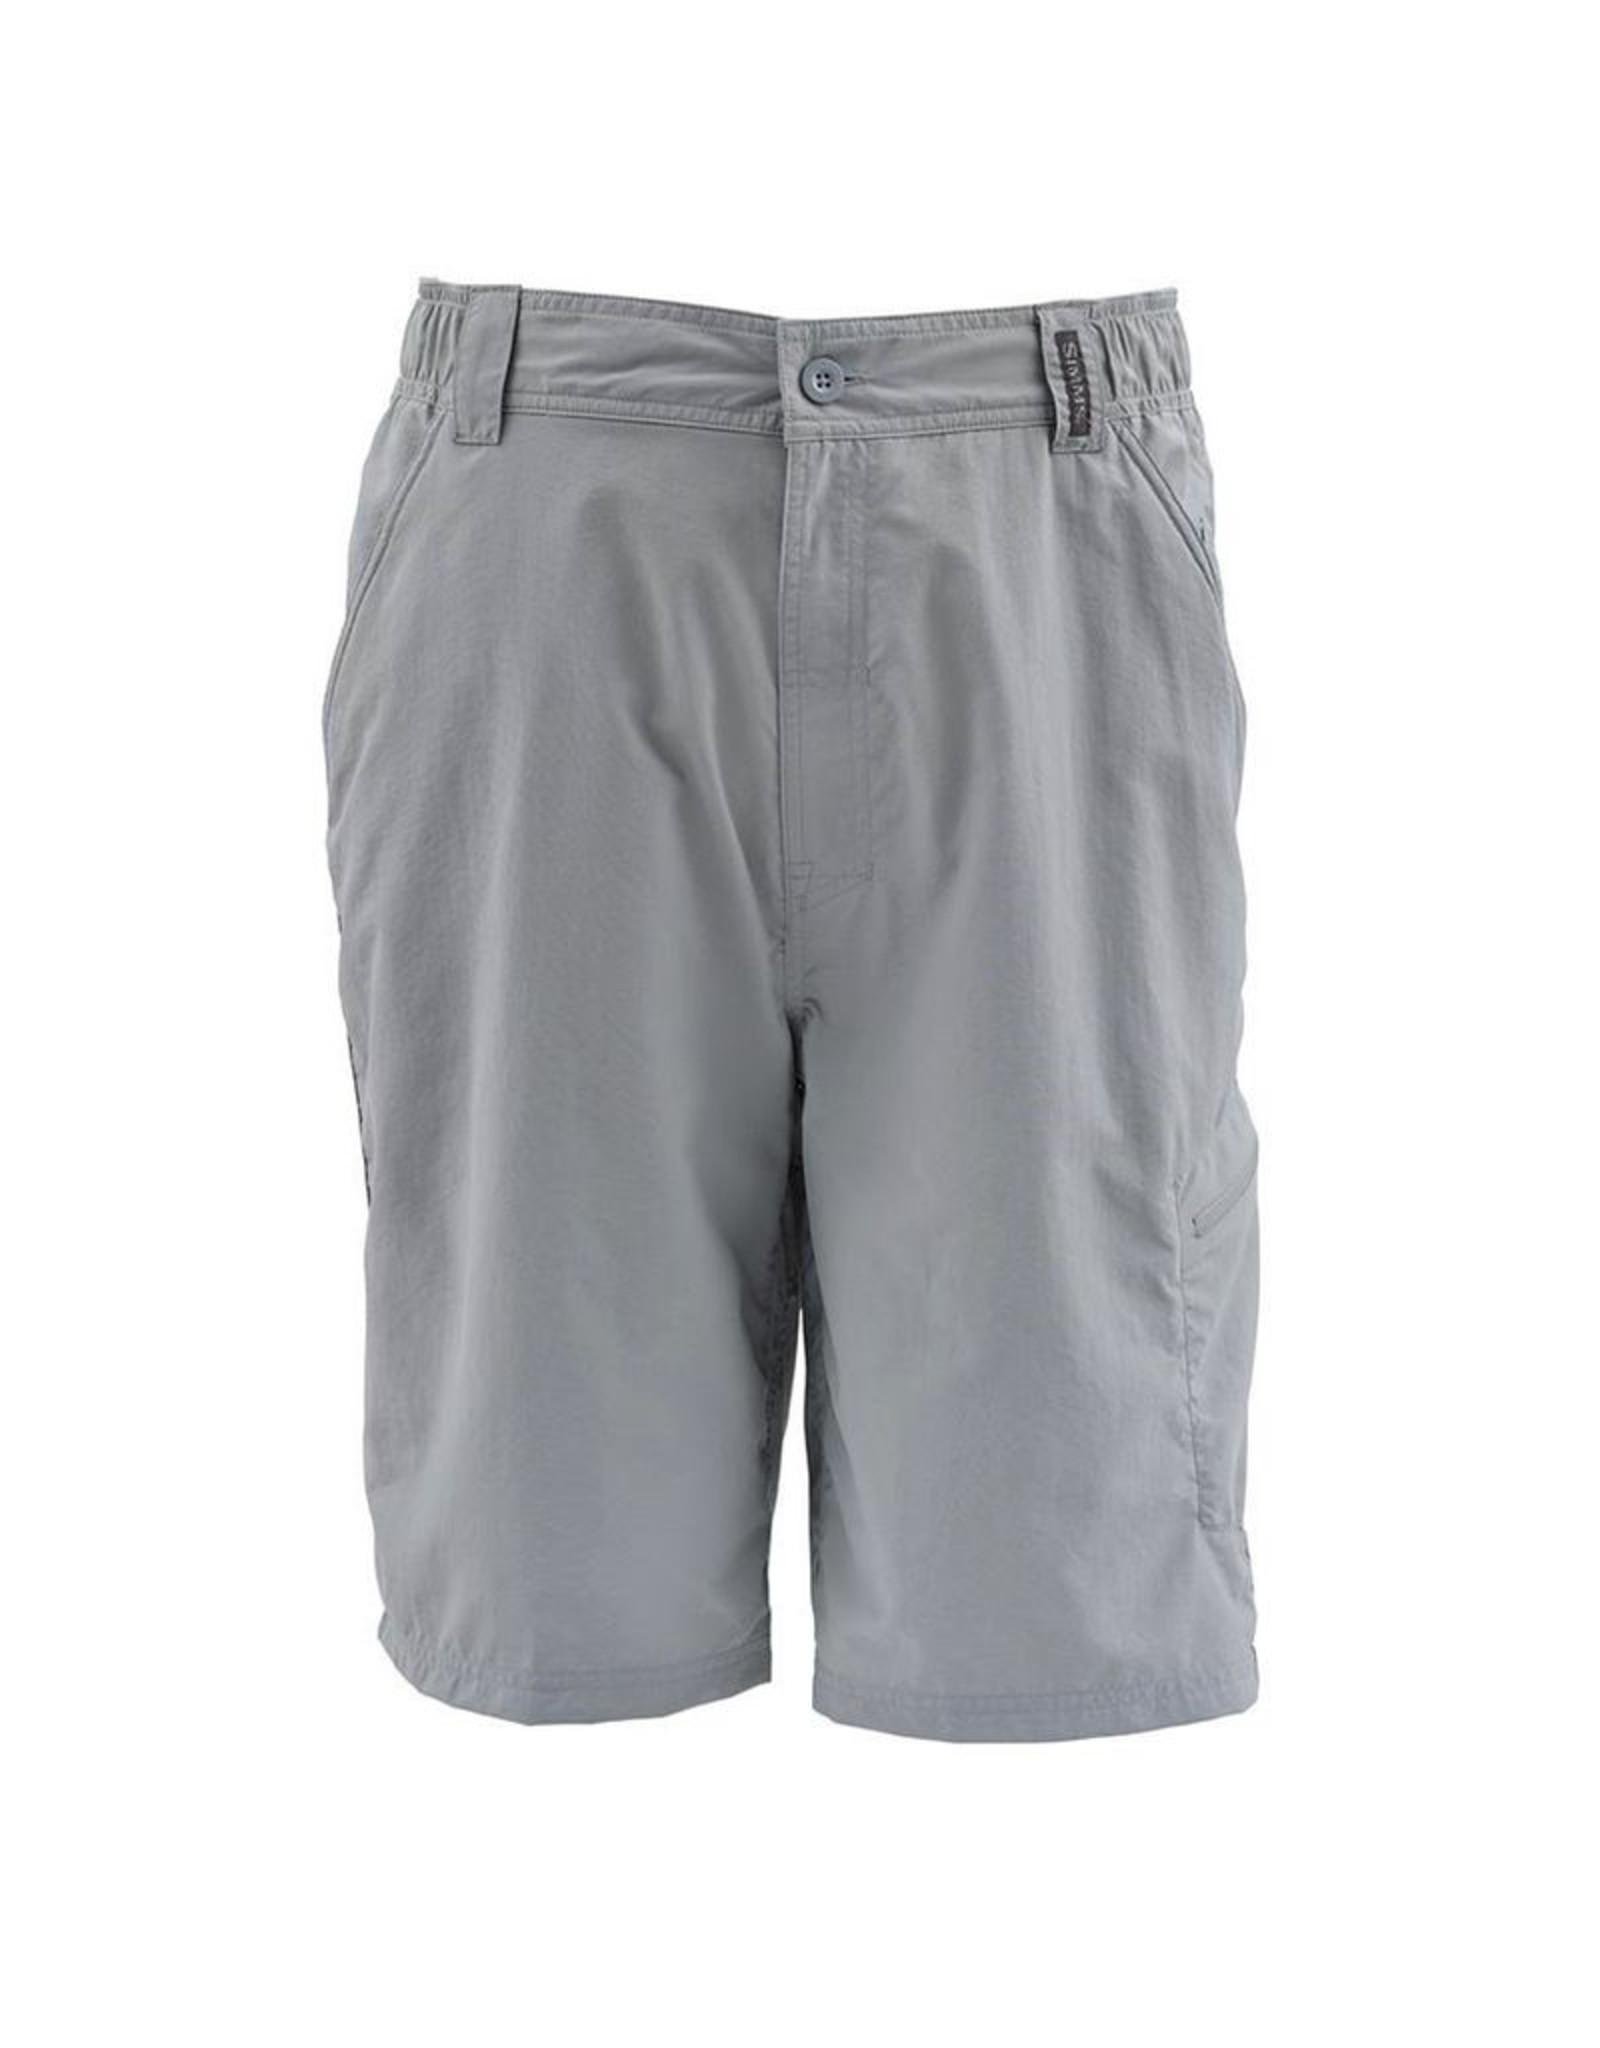 Buck oppressive heat in these superlight shorts!